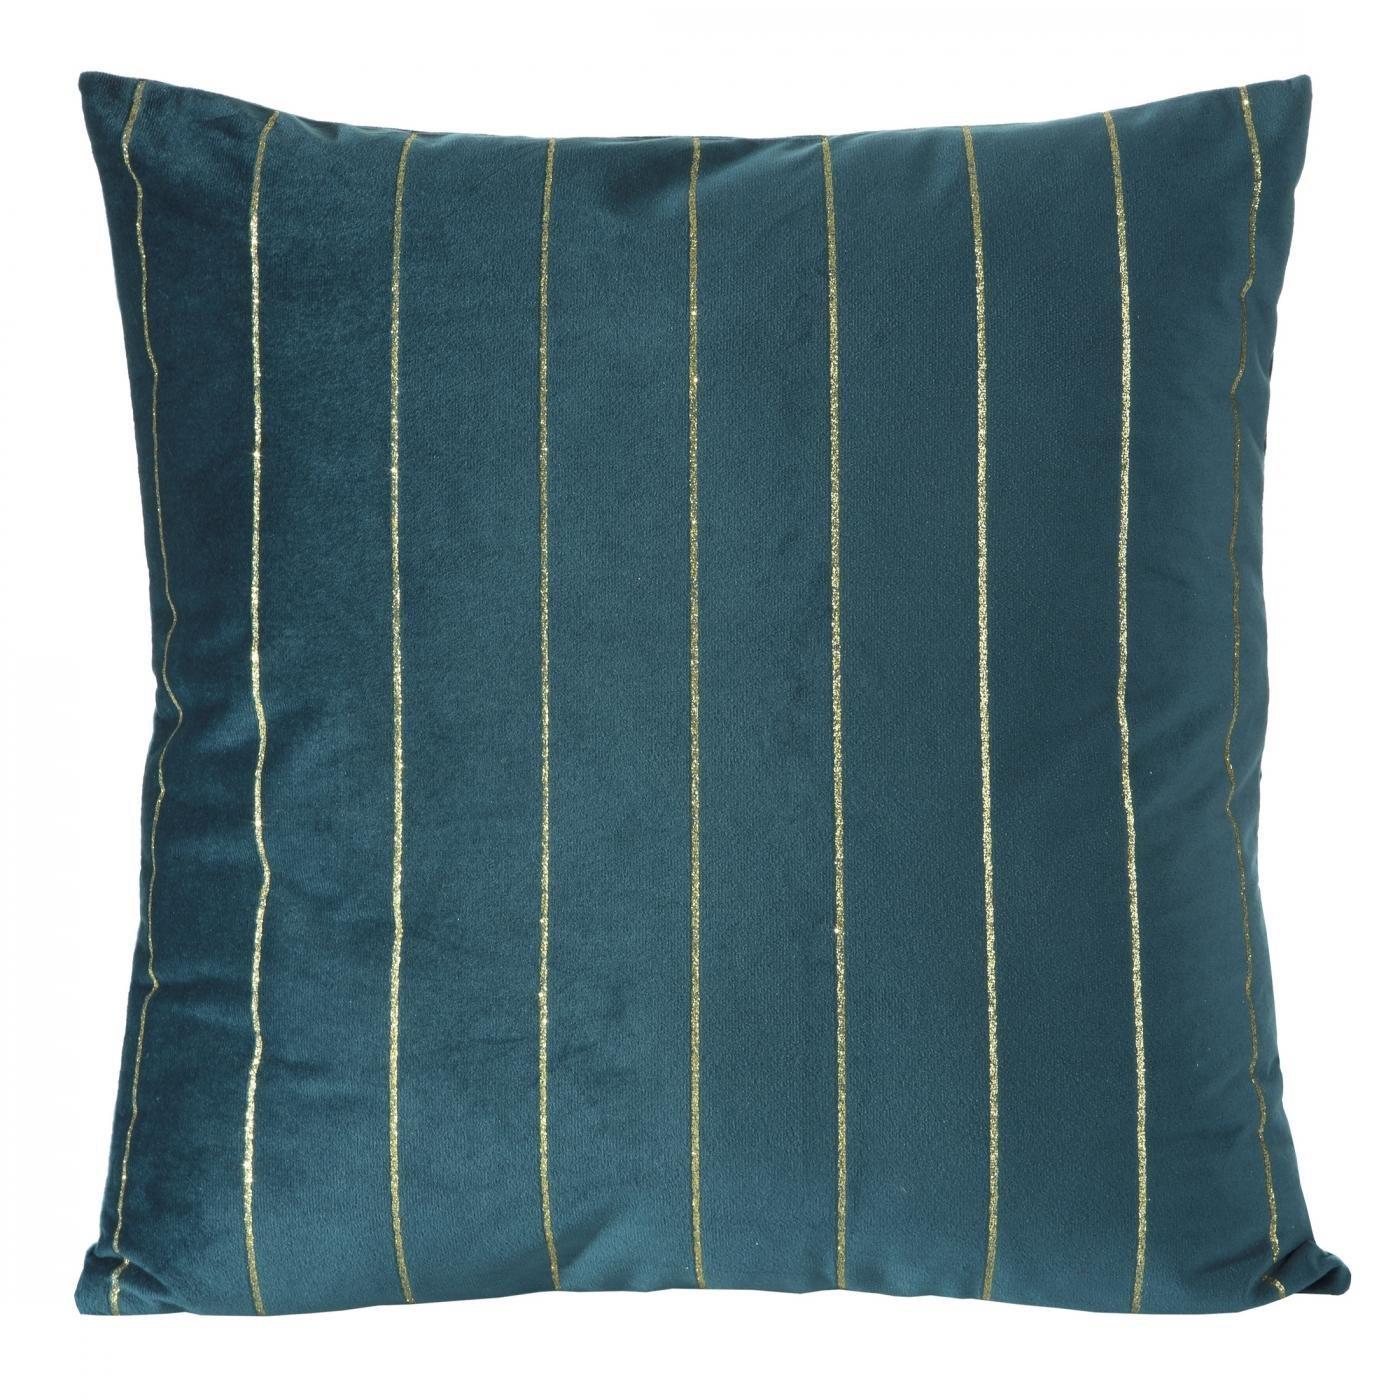 Poszewka dekoracyjna na poduszkę  45 x 45 Kolor C.Turkusowy